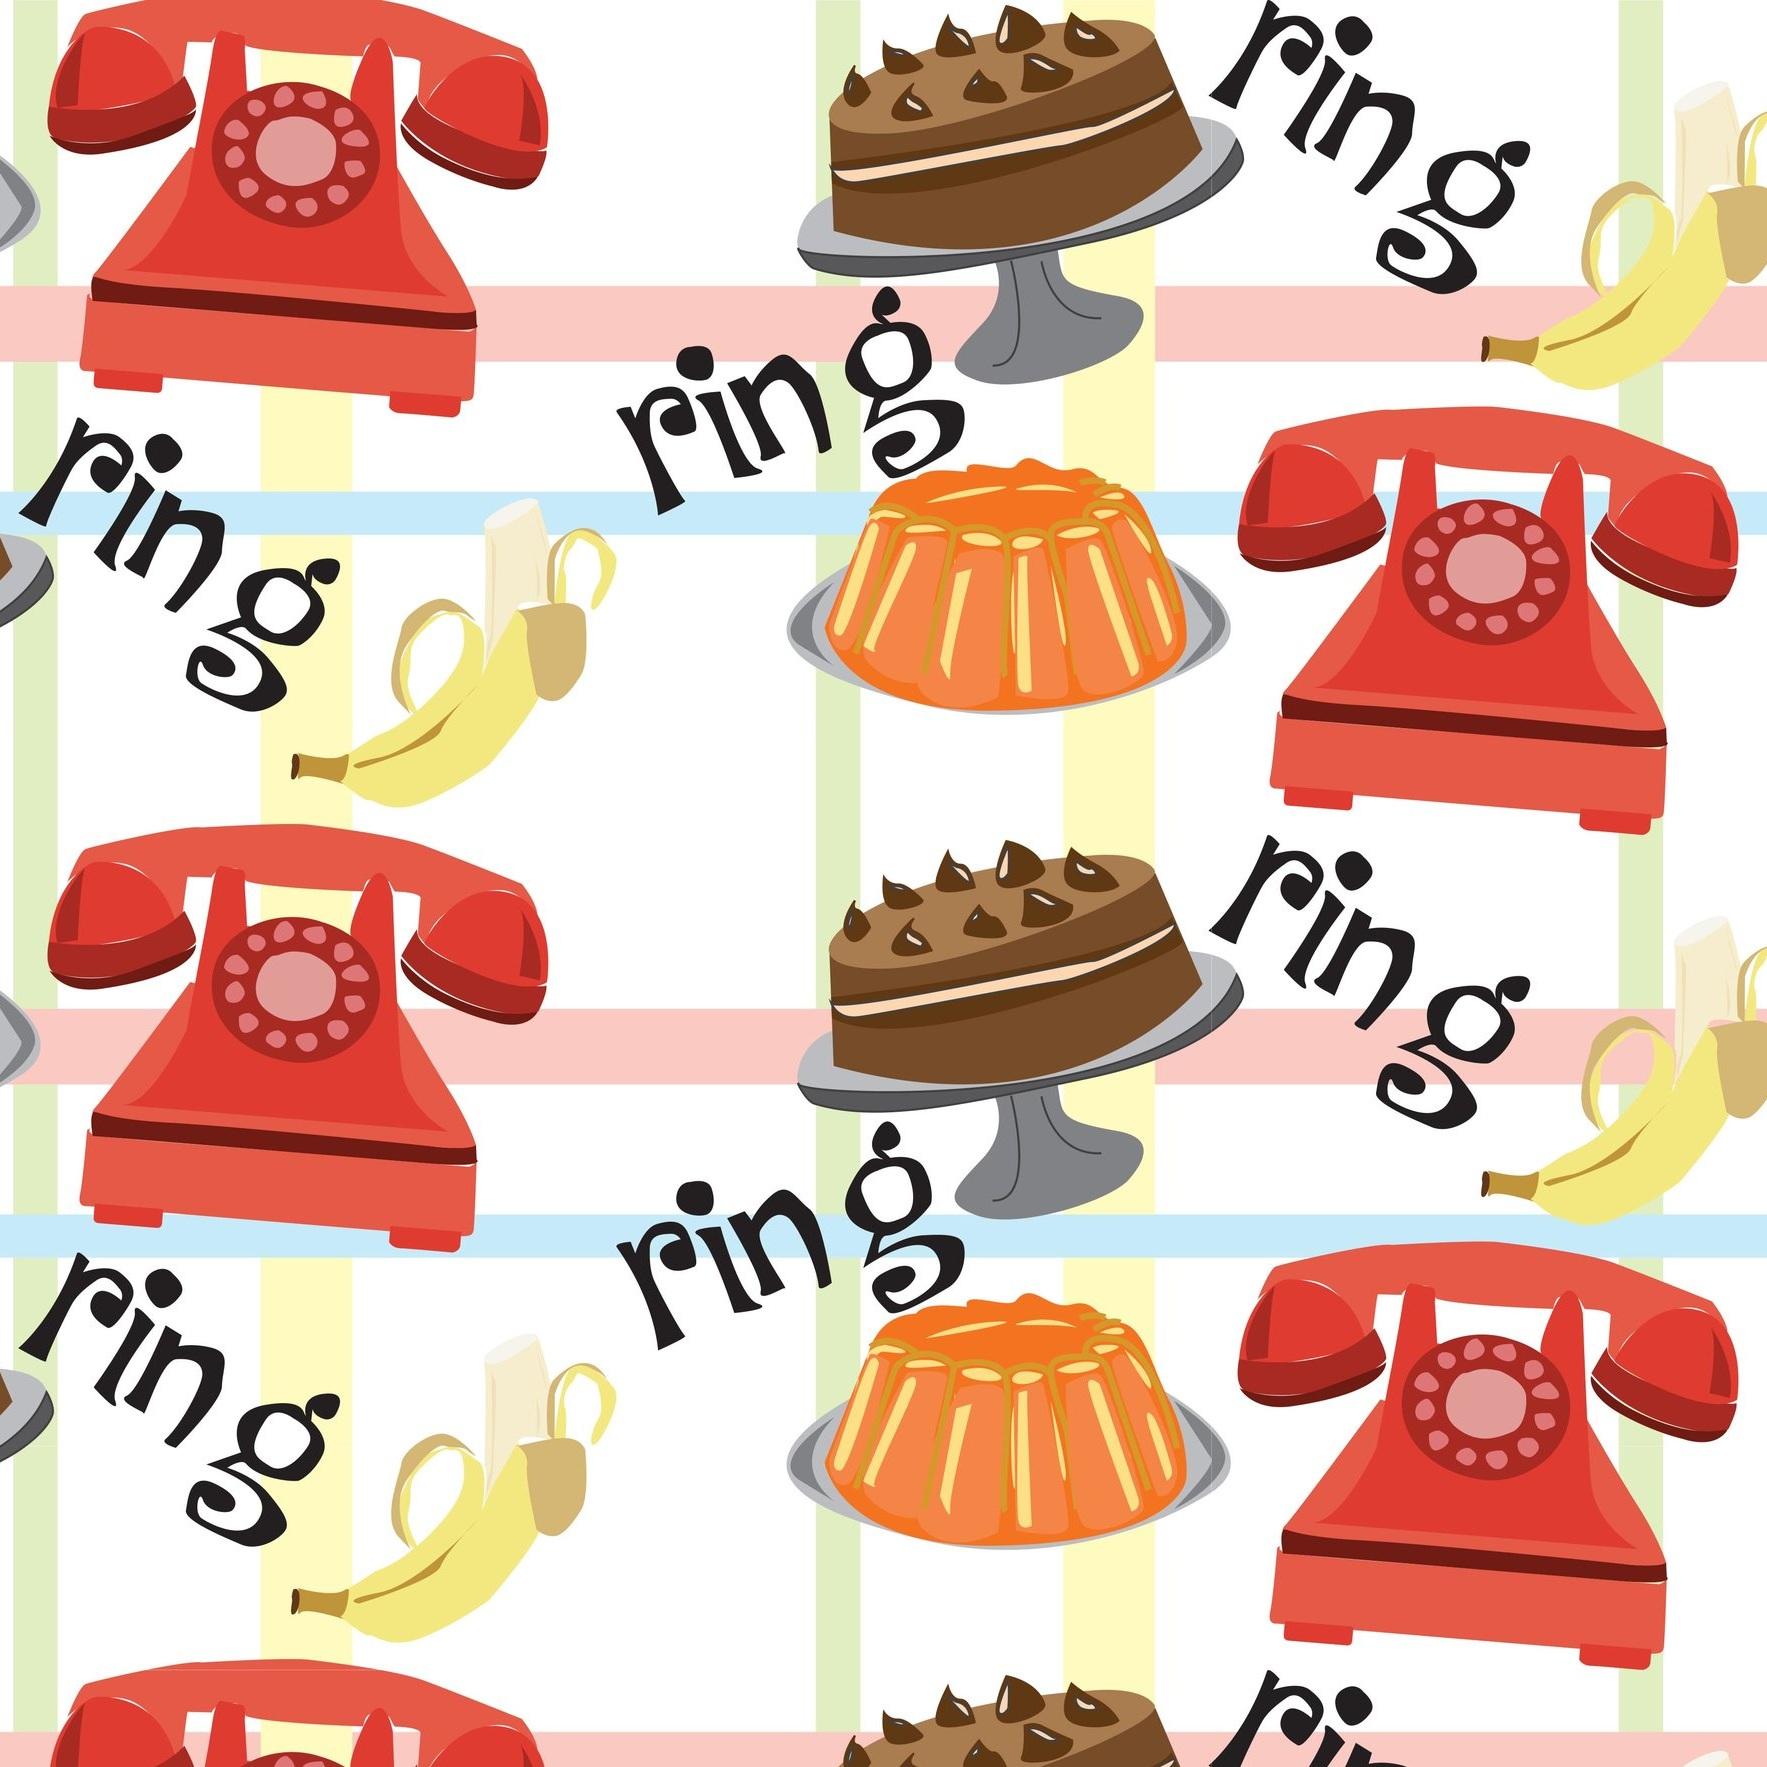 c+cake3.jpg